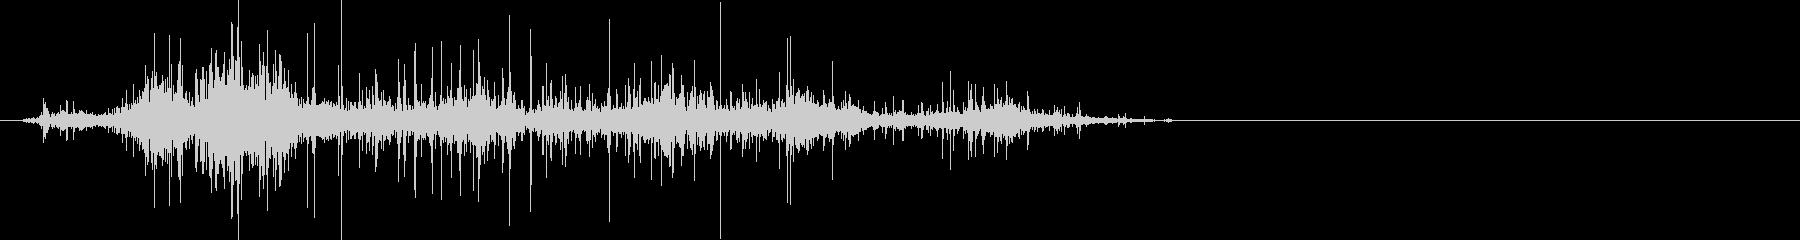 ガサガサと探す音_1の未再生の波形